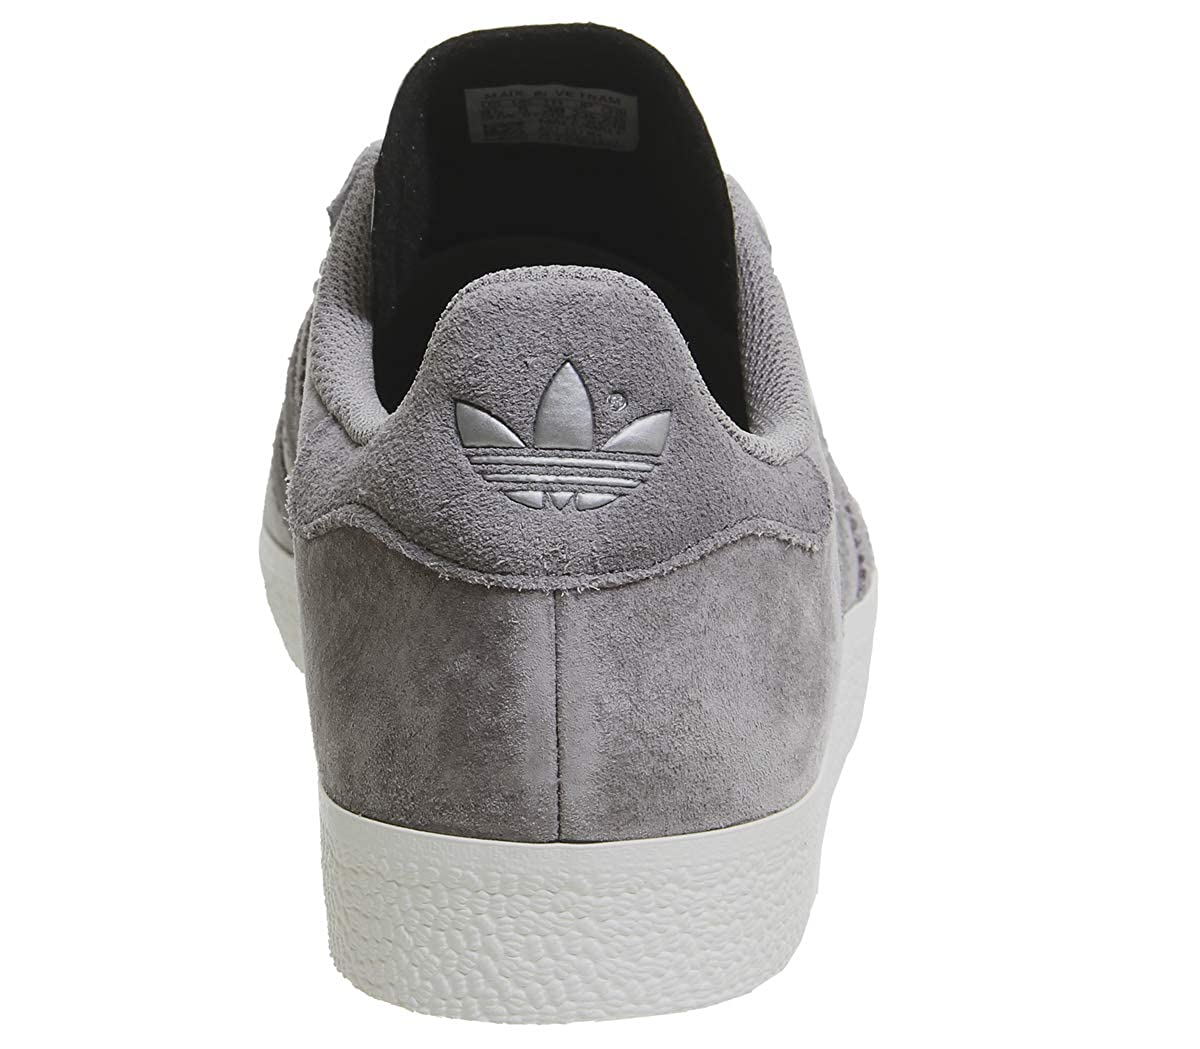 Donna   Uomo Uomo Uomo Adidas Gazelle scarpe da ginnastica per Donna Moda moderna ed elegante acquisto A partire dall'ultimo modello | diversità imballaggio  850dd5